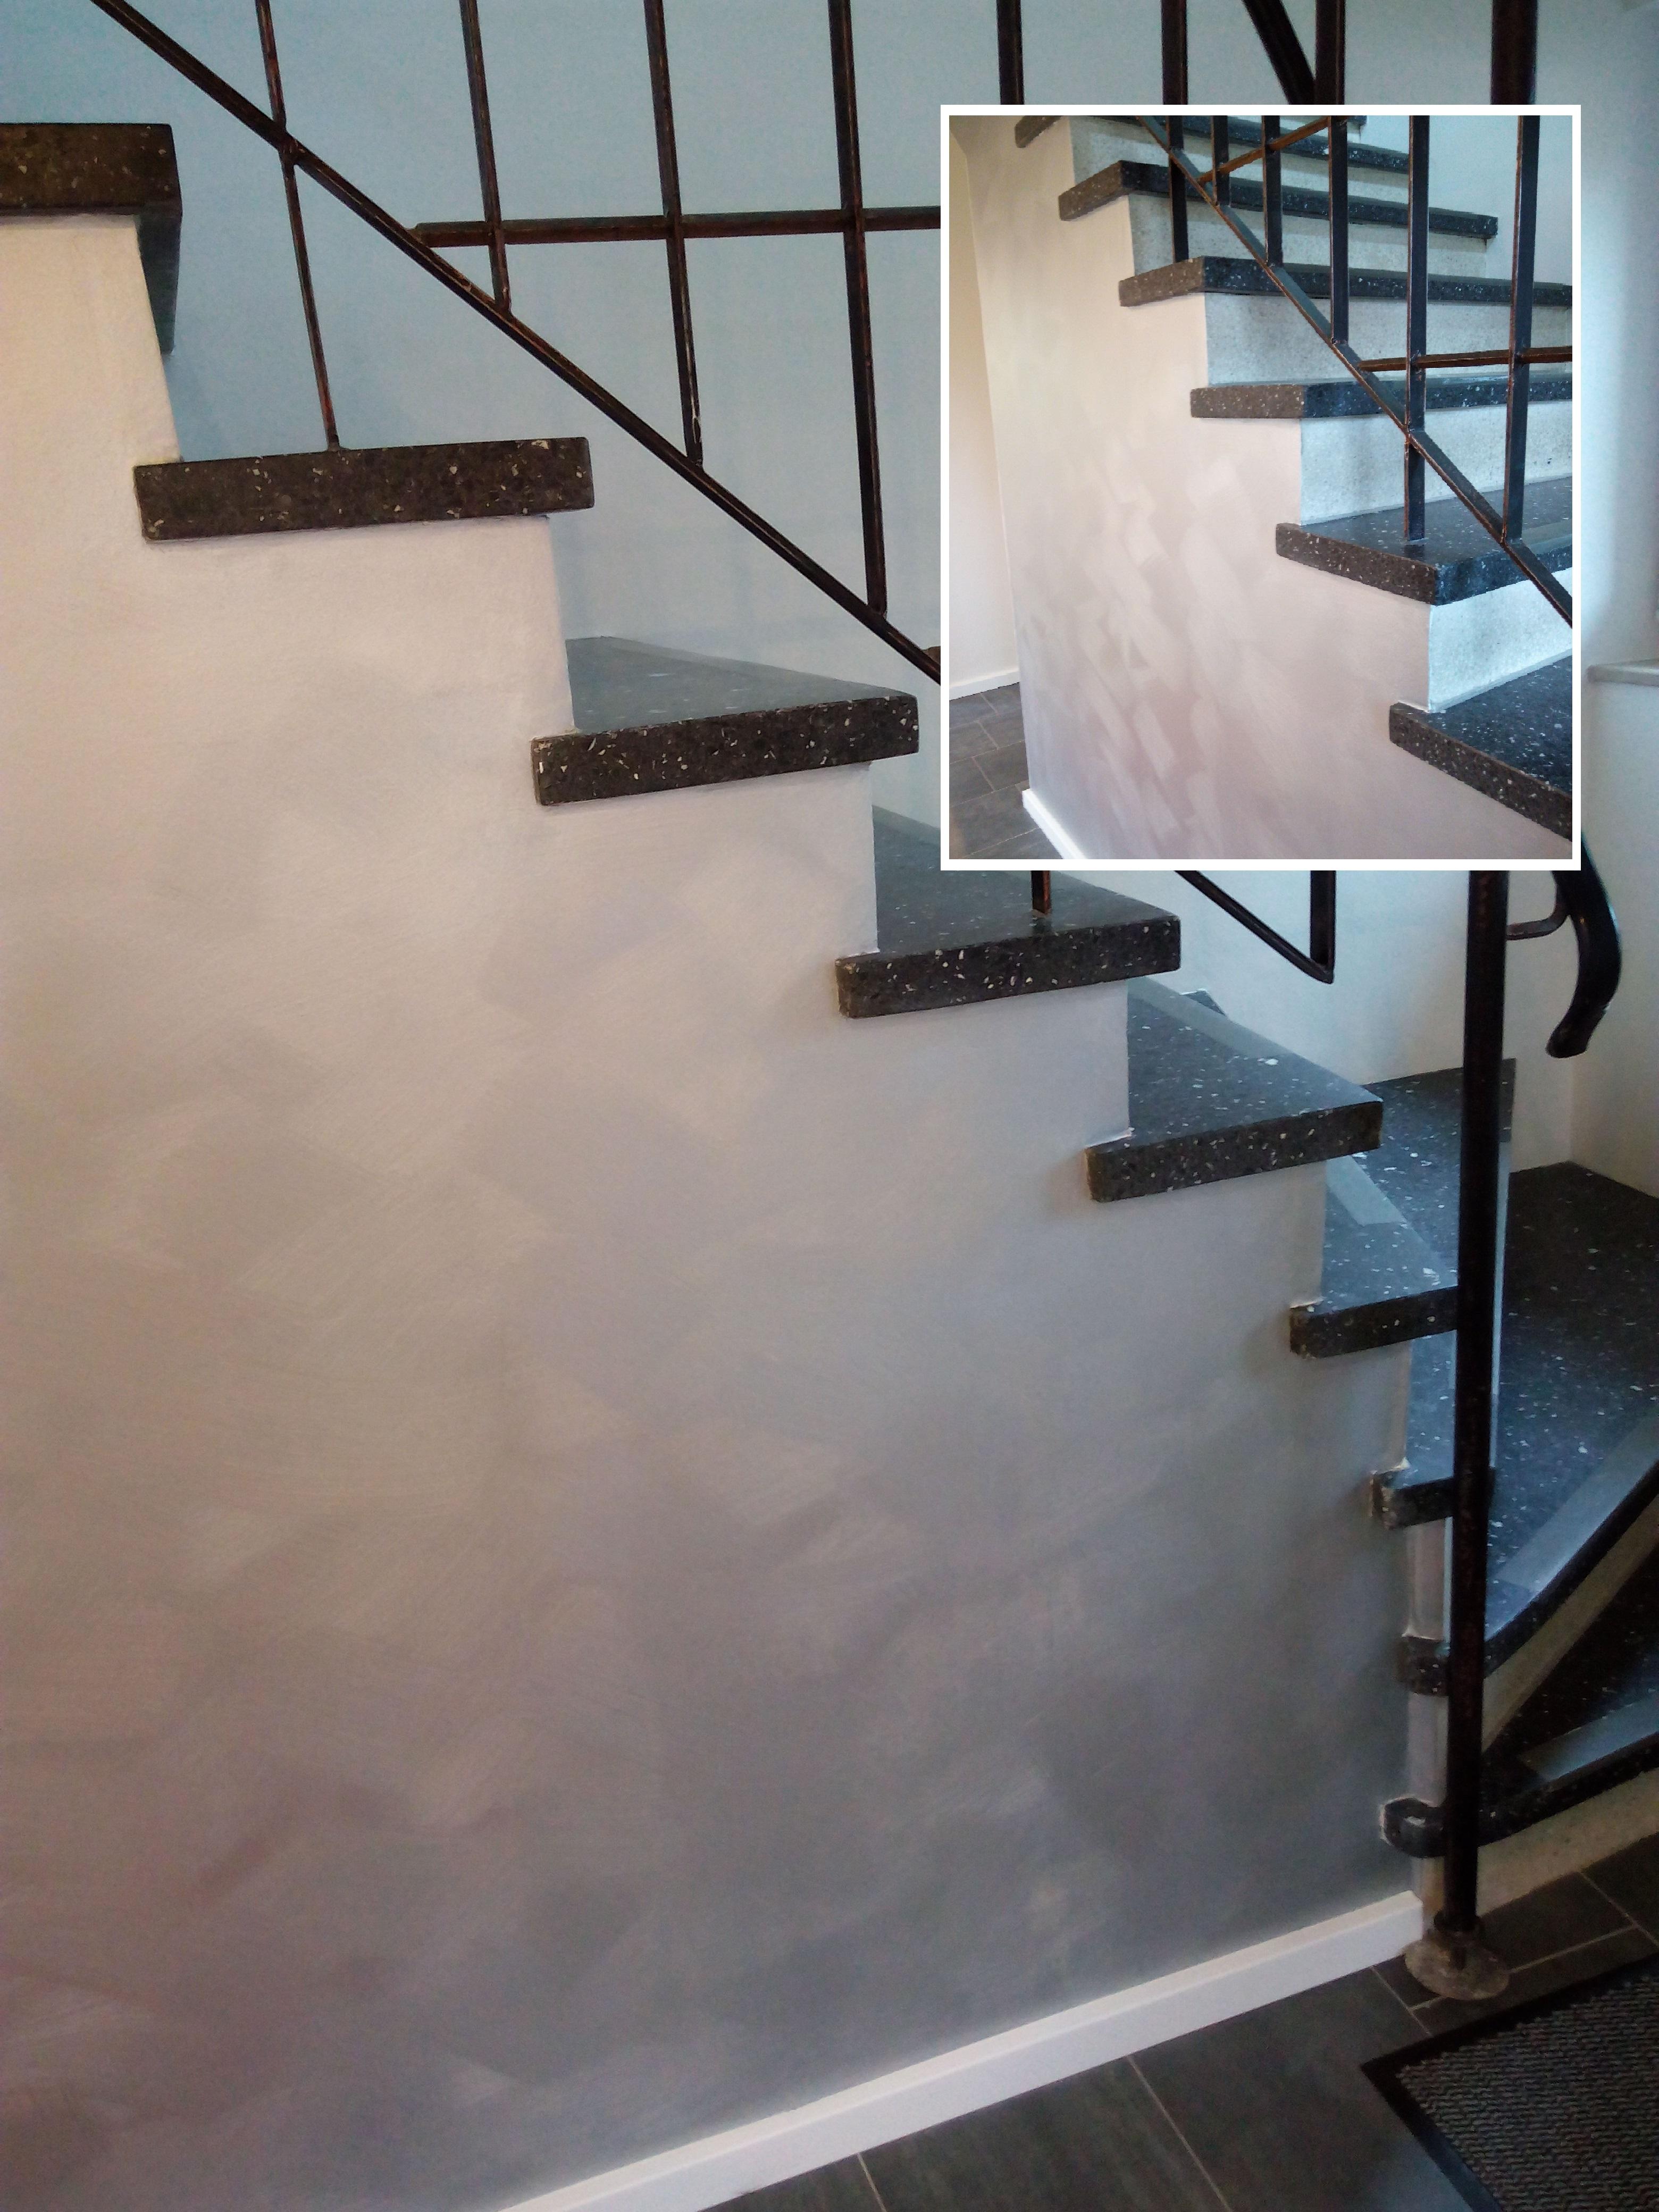 Wandfarbe silber metallic effekt wandfarbe wandlasur silber perlglanz metallic ebay metallic - Silber wandfarbe ...